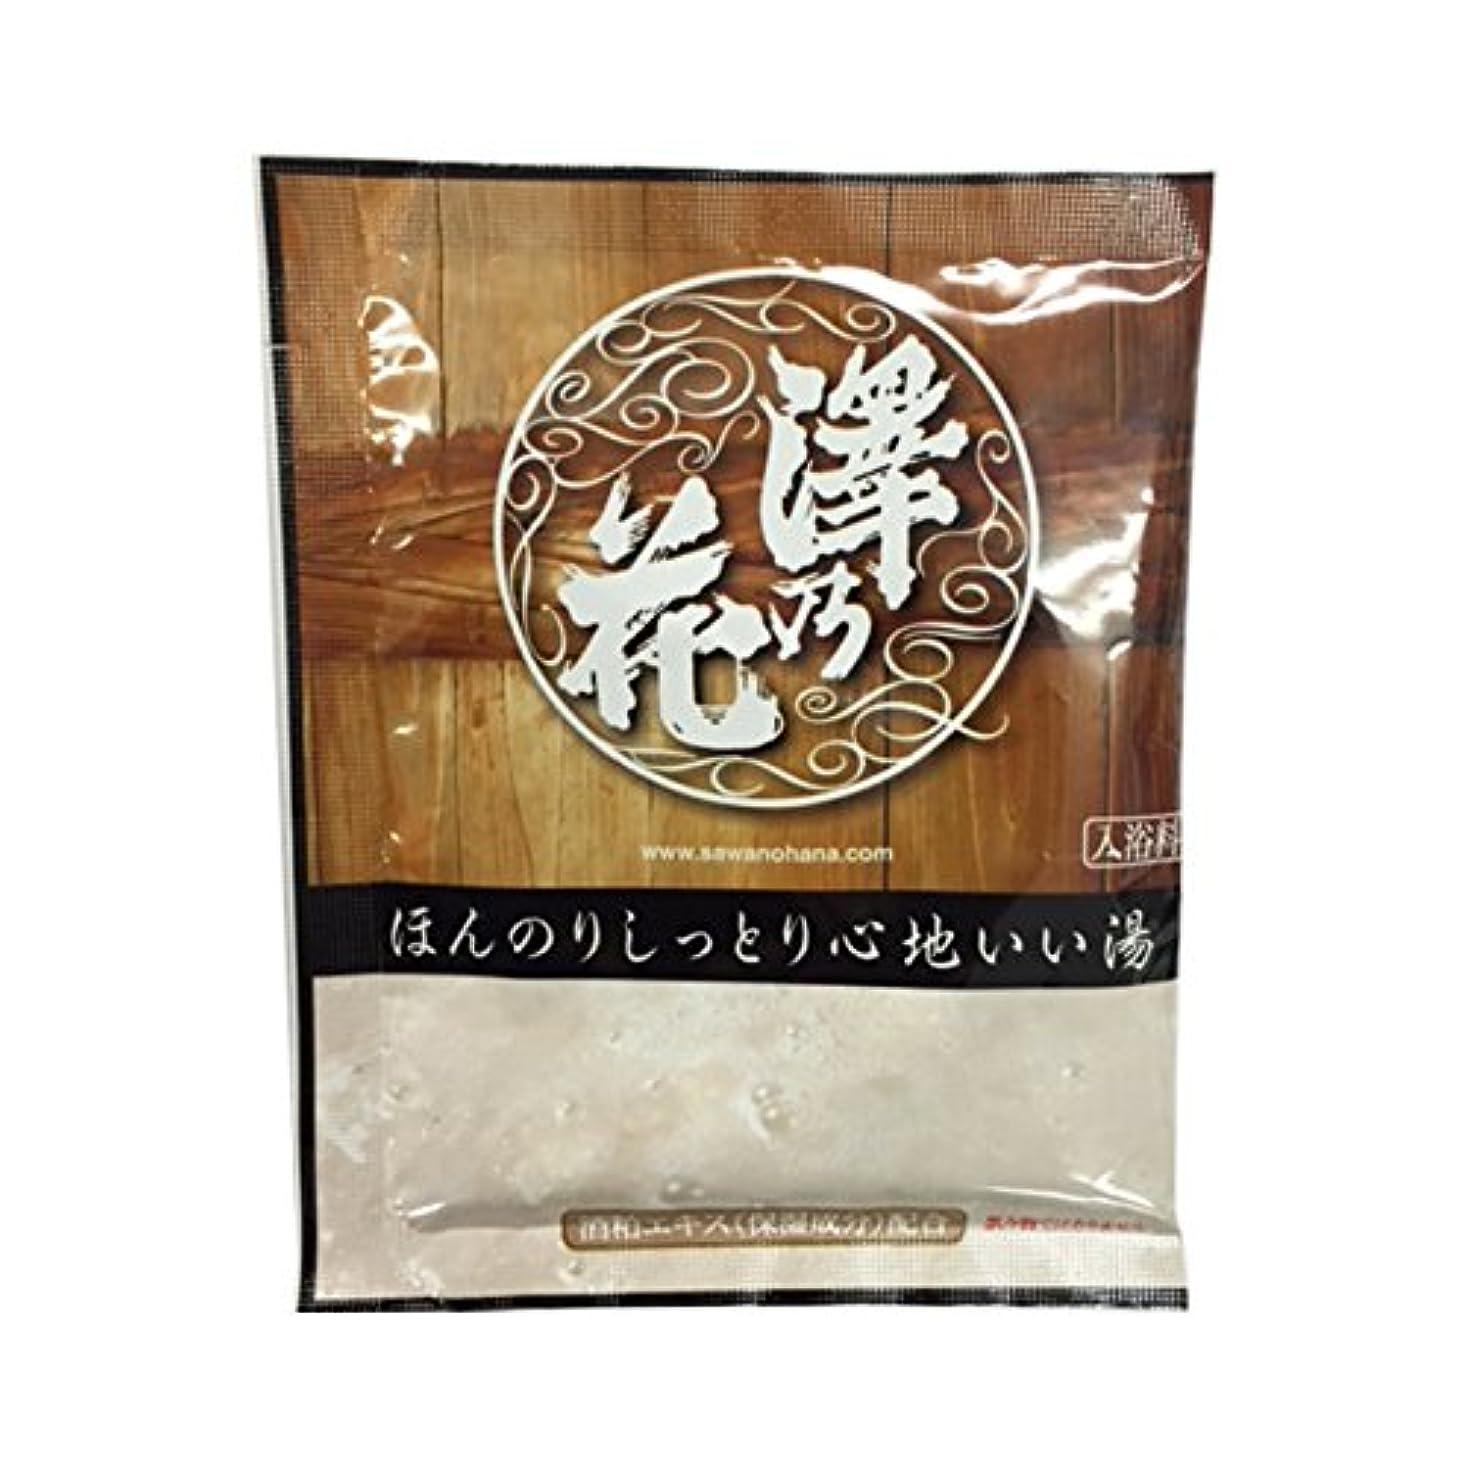 一般的なあいにく闘争日本生化学 澤乃花 酒粕入浴料 25G